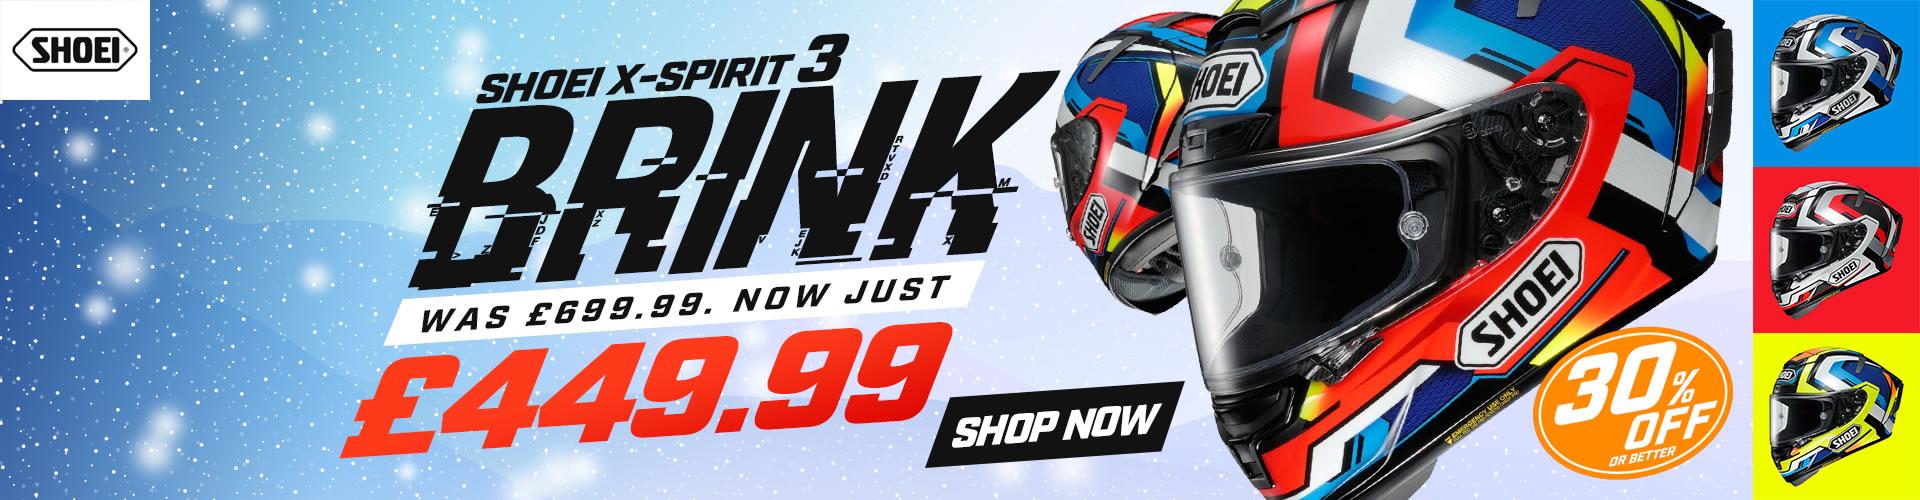 Shoei X-Spirit 3 Brink SALE!